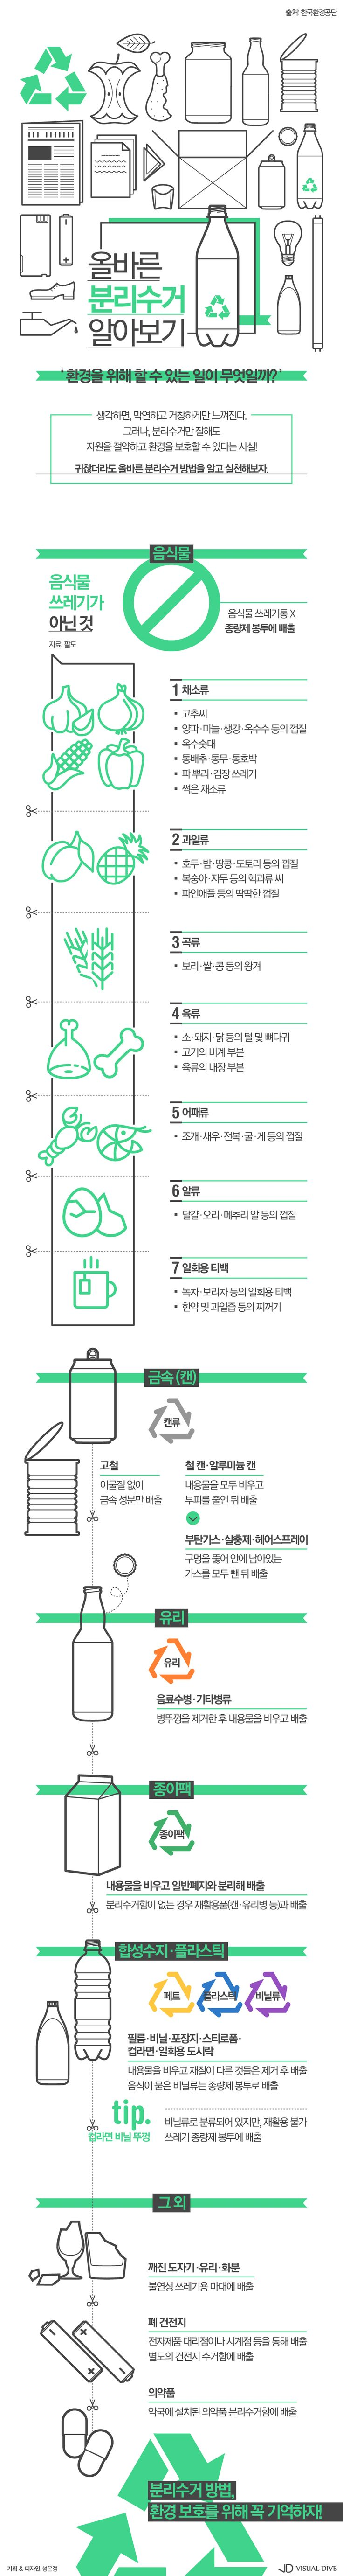 '일반쓰레기 VS 음식물쓰레기' 분리수거 고민 끝내기 [인포그래픽] #recycling / #Infographic ⓒ 비주얼다이브 무단…